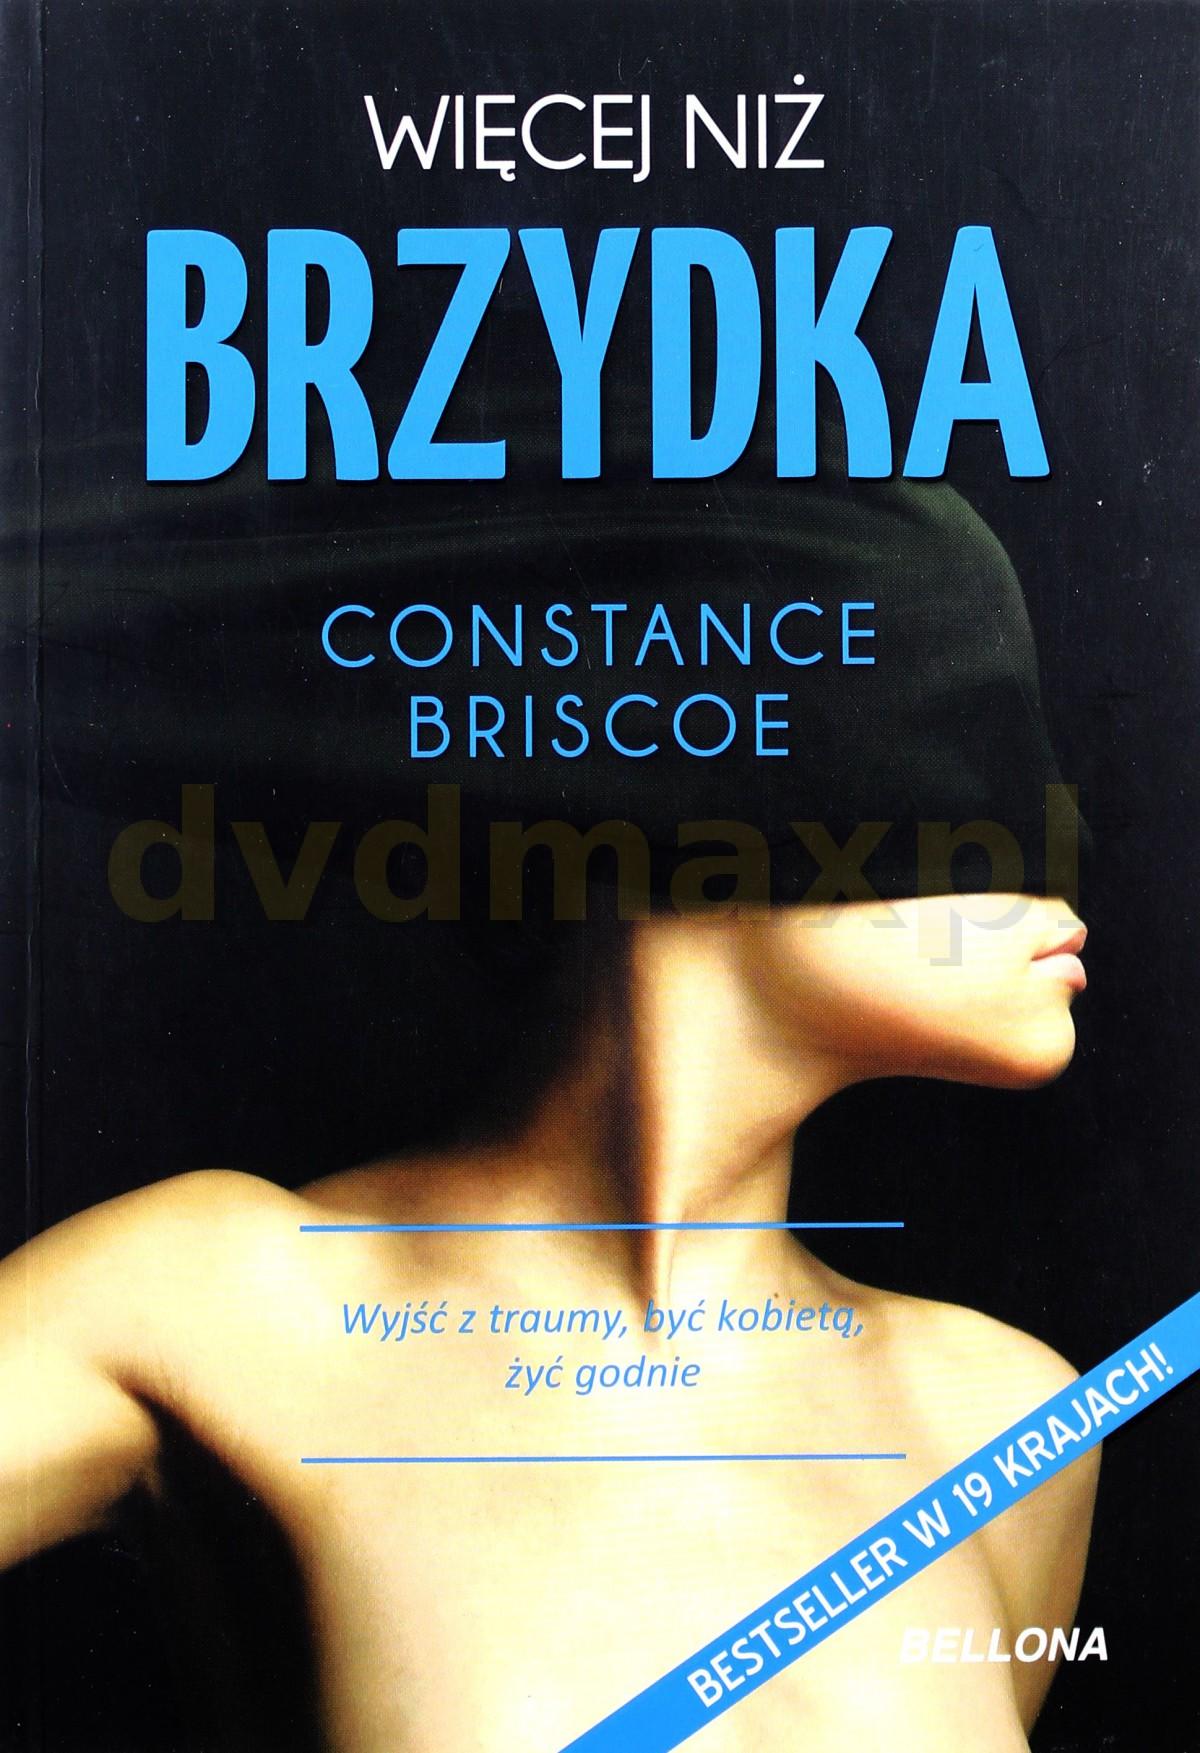 Więcej niż brzydka - Constance Briscoe [KSIĄŻKA] - Constance Briscoe